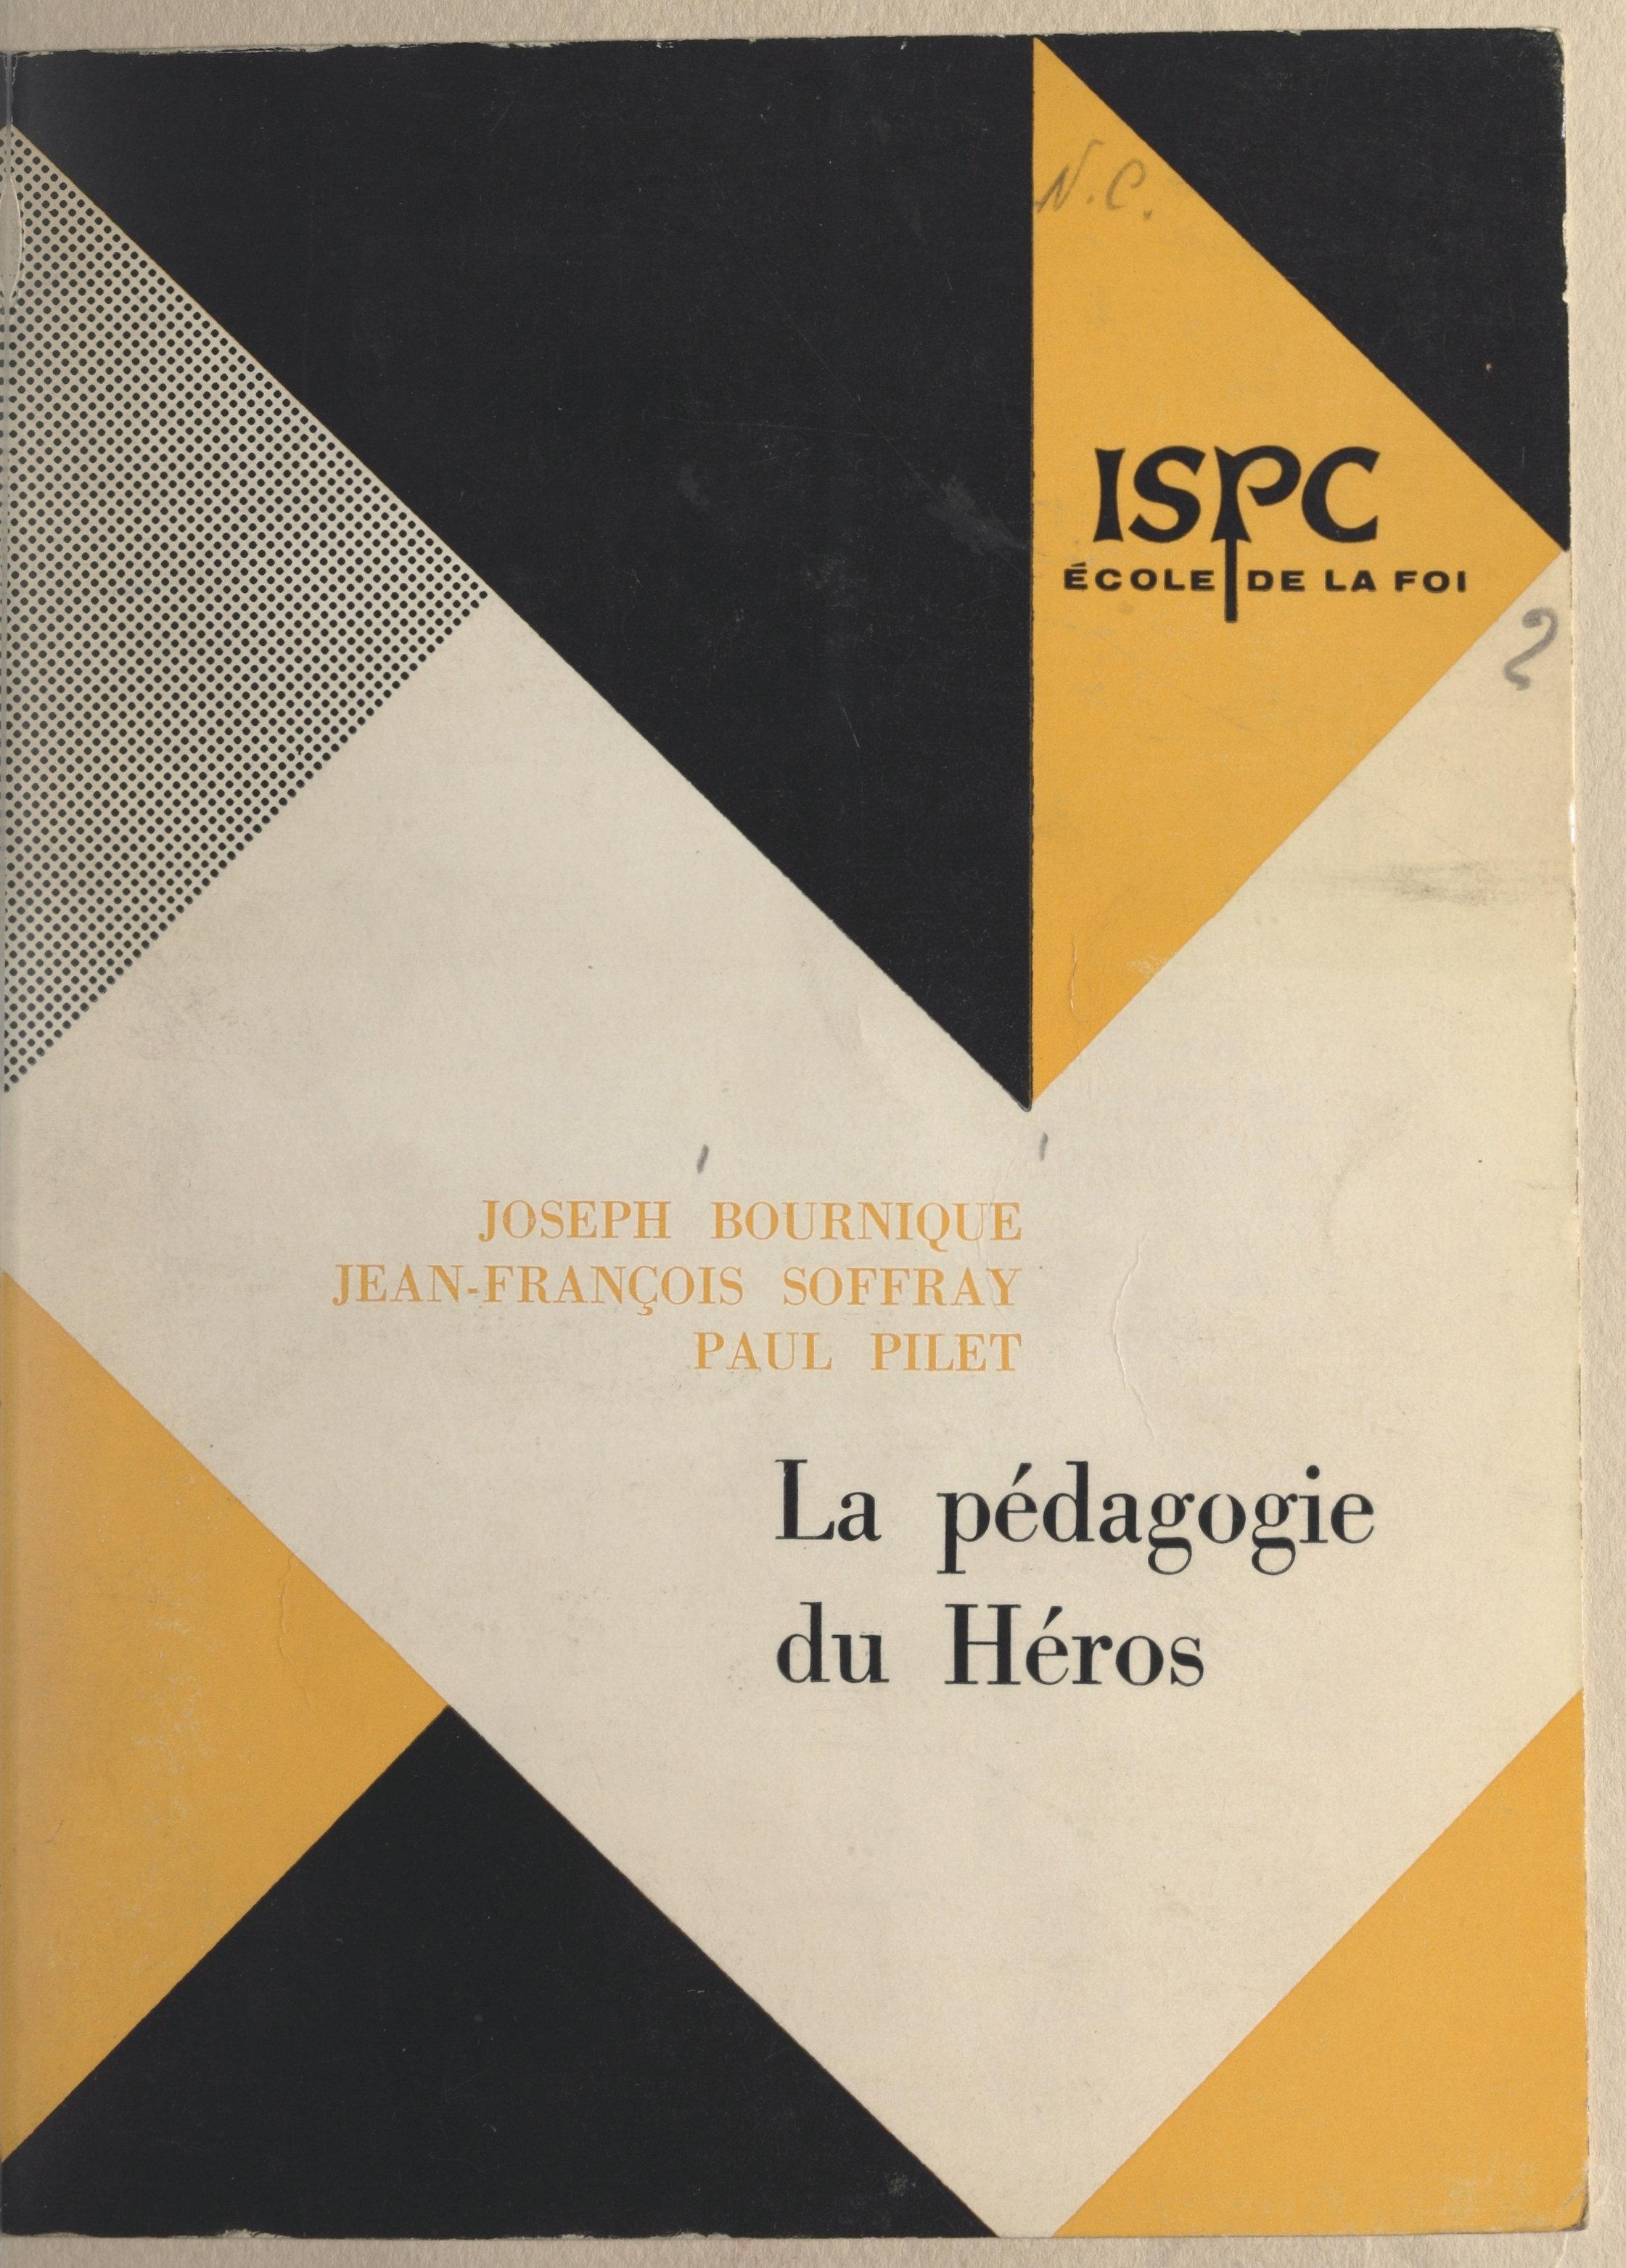 La pédagogie du héros